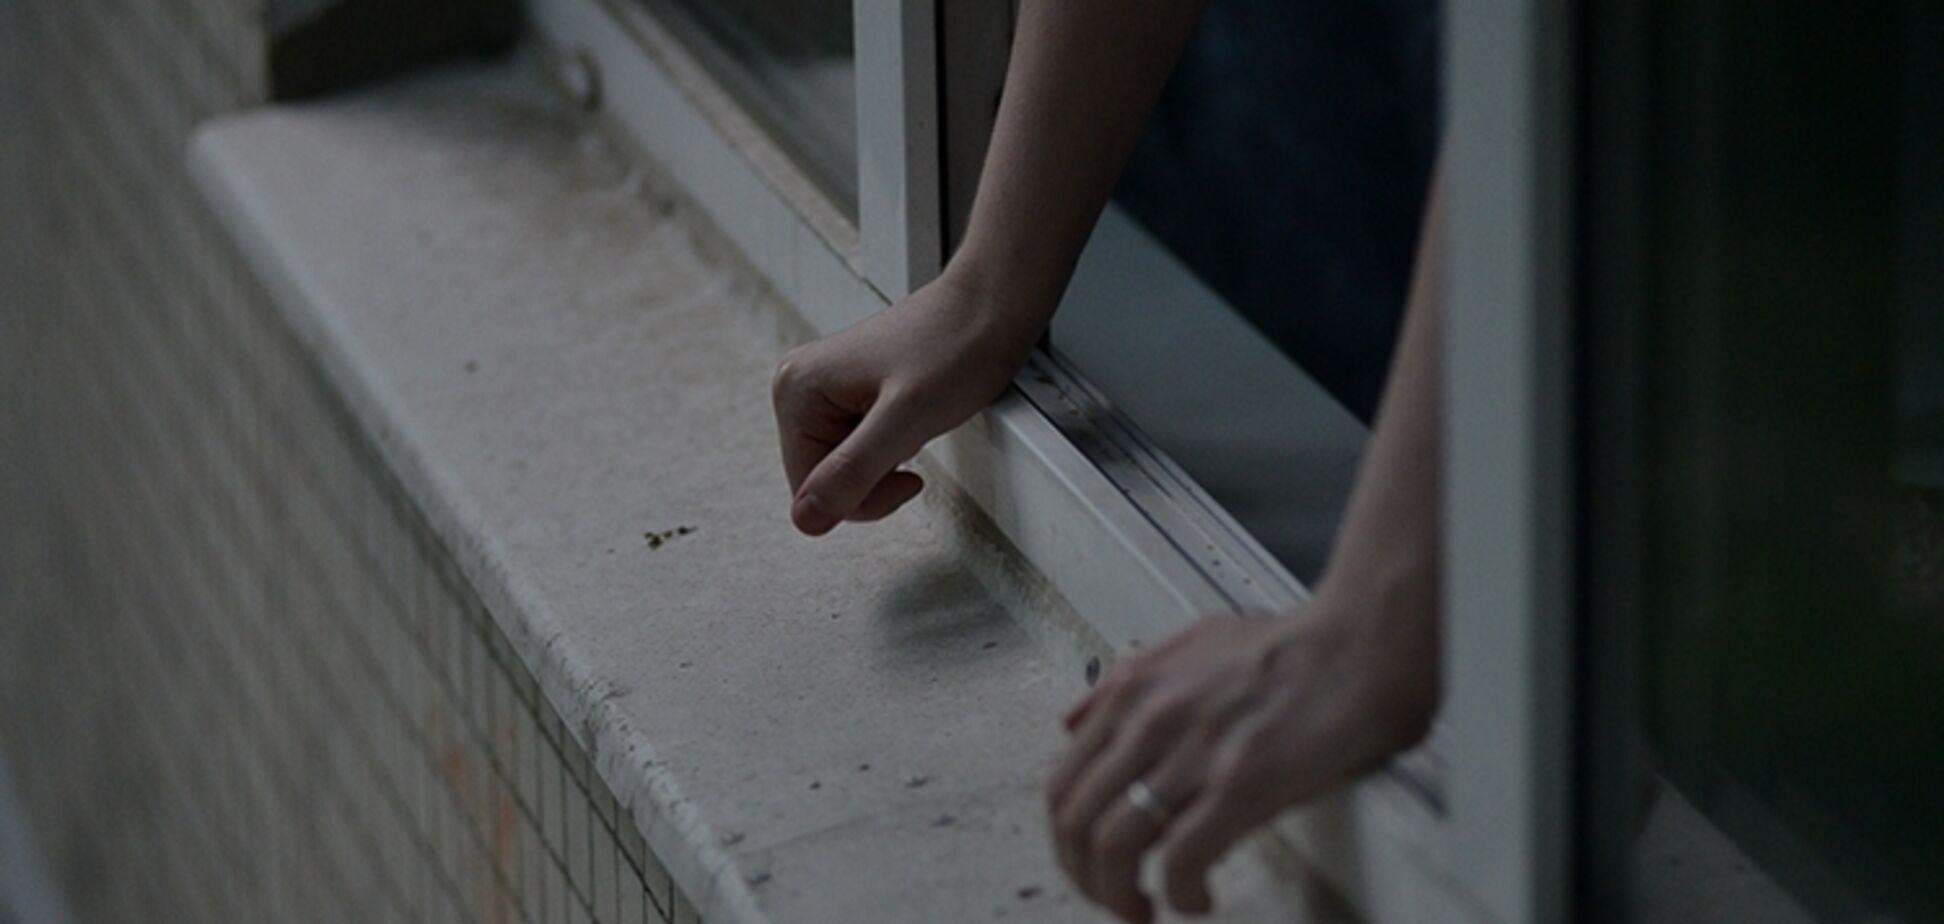 В Бердянске погиб пациент больницы, выбросившись из окна